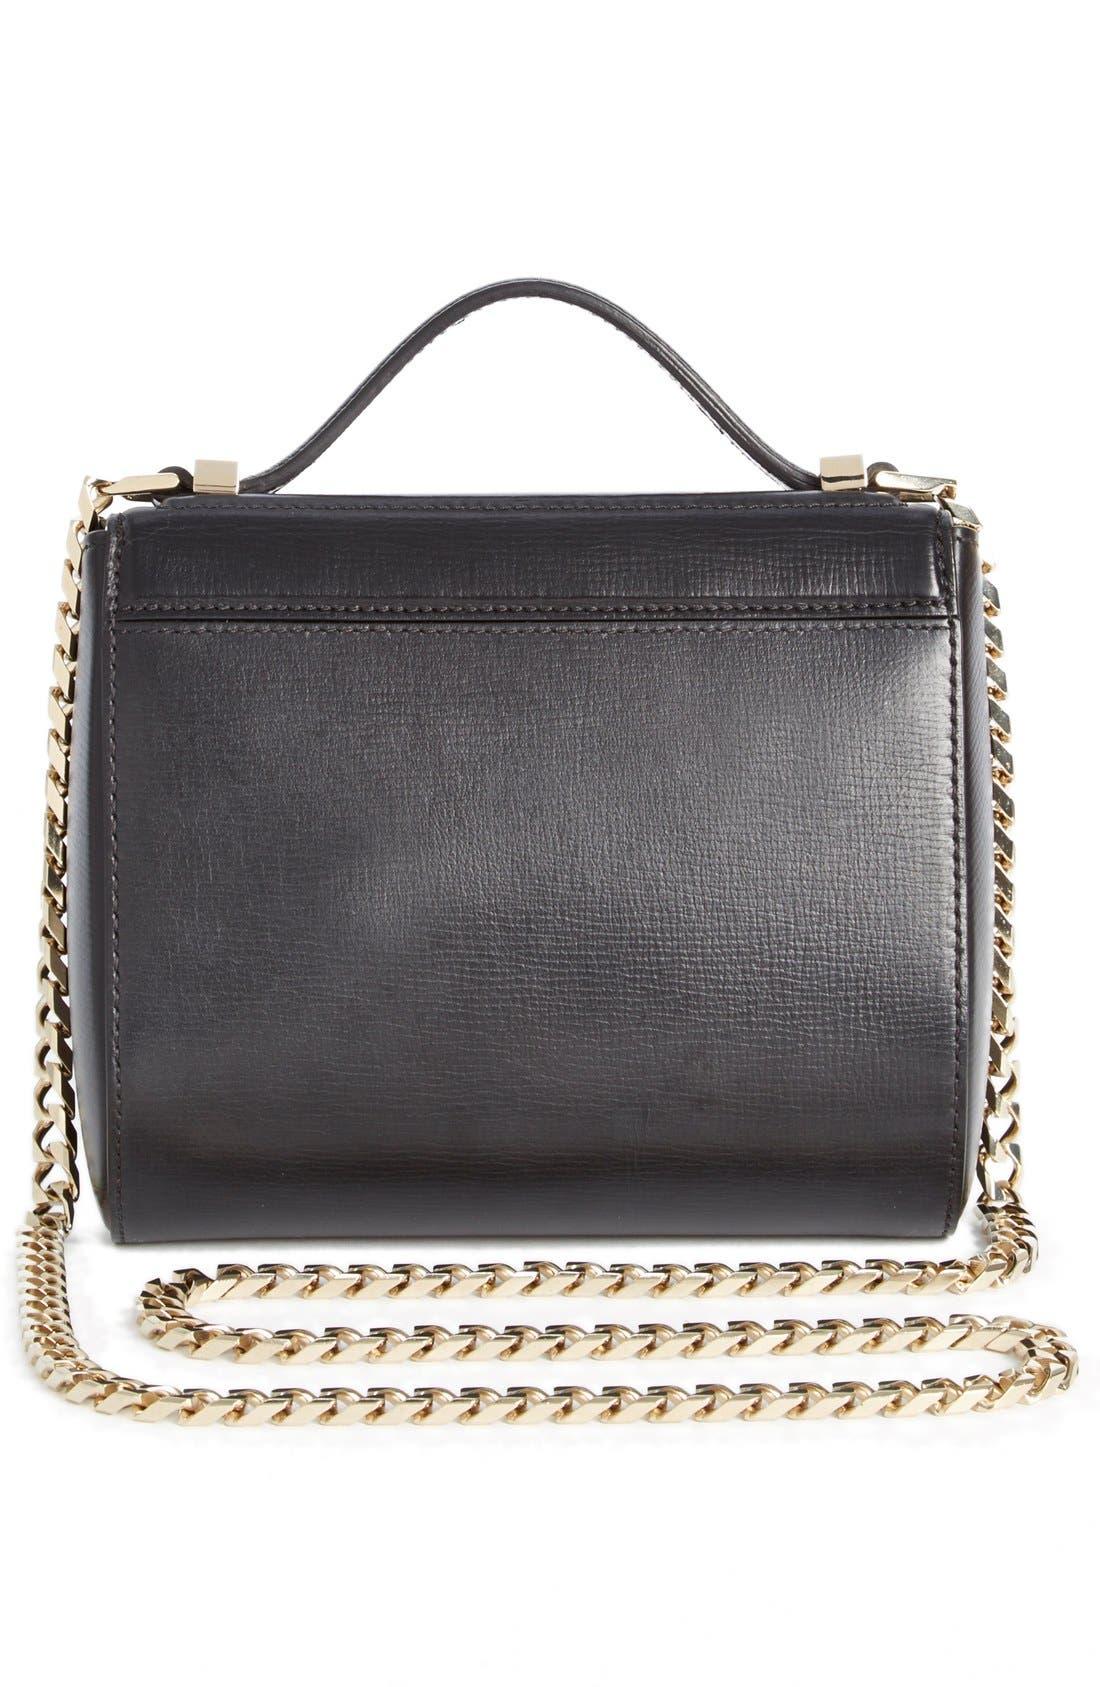 'Mini Pandora Box - Palma' Leather Shoulder Bag,                             Alternate thumbnail 2, color,                             001 BLACK